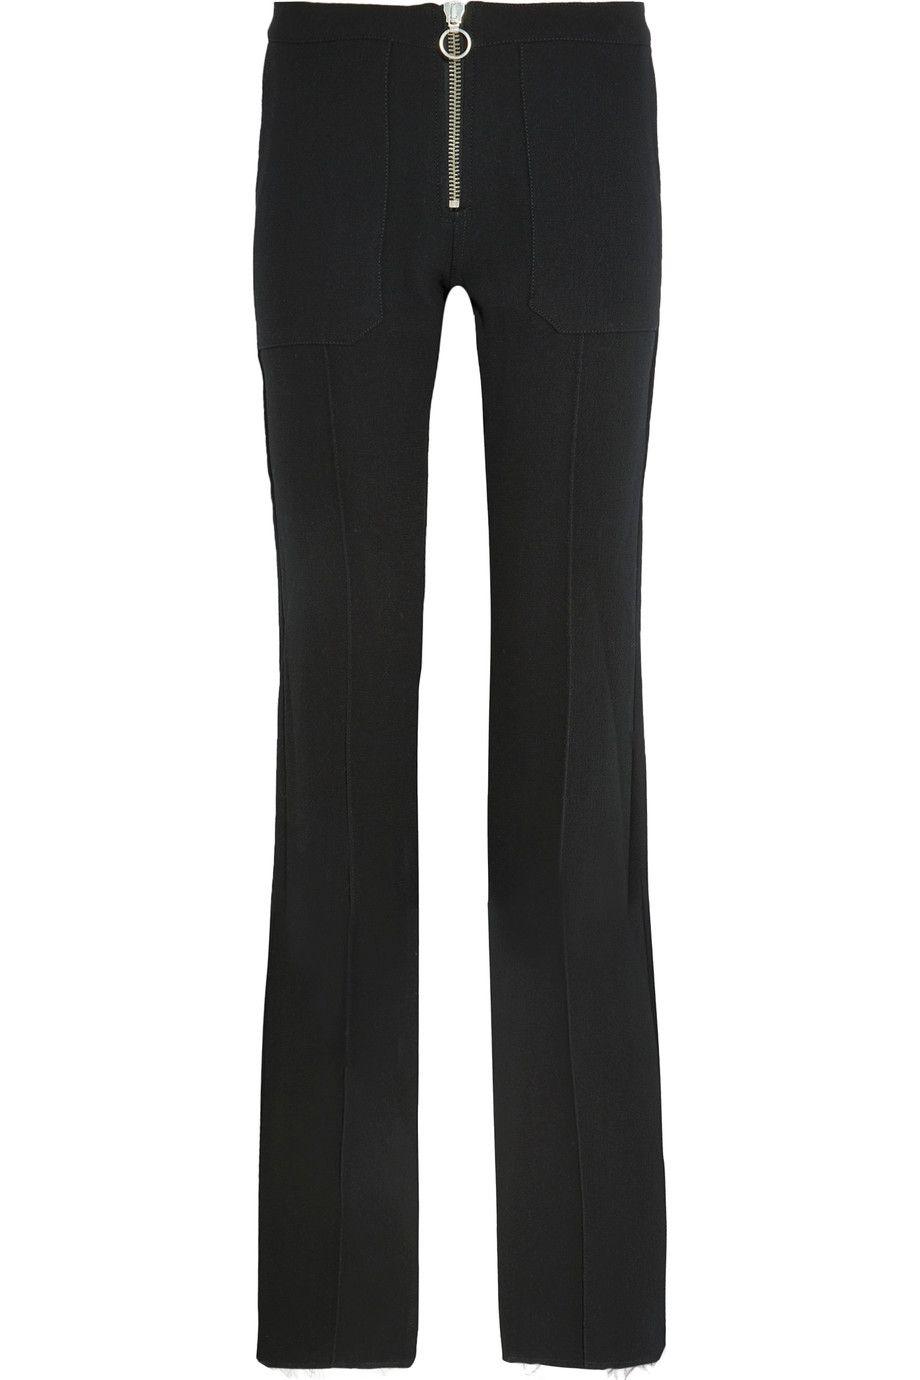 Pantalons De Forage Évasés - Uk12 Marqués Almeida gwDwz3eu